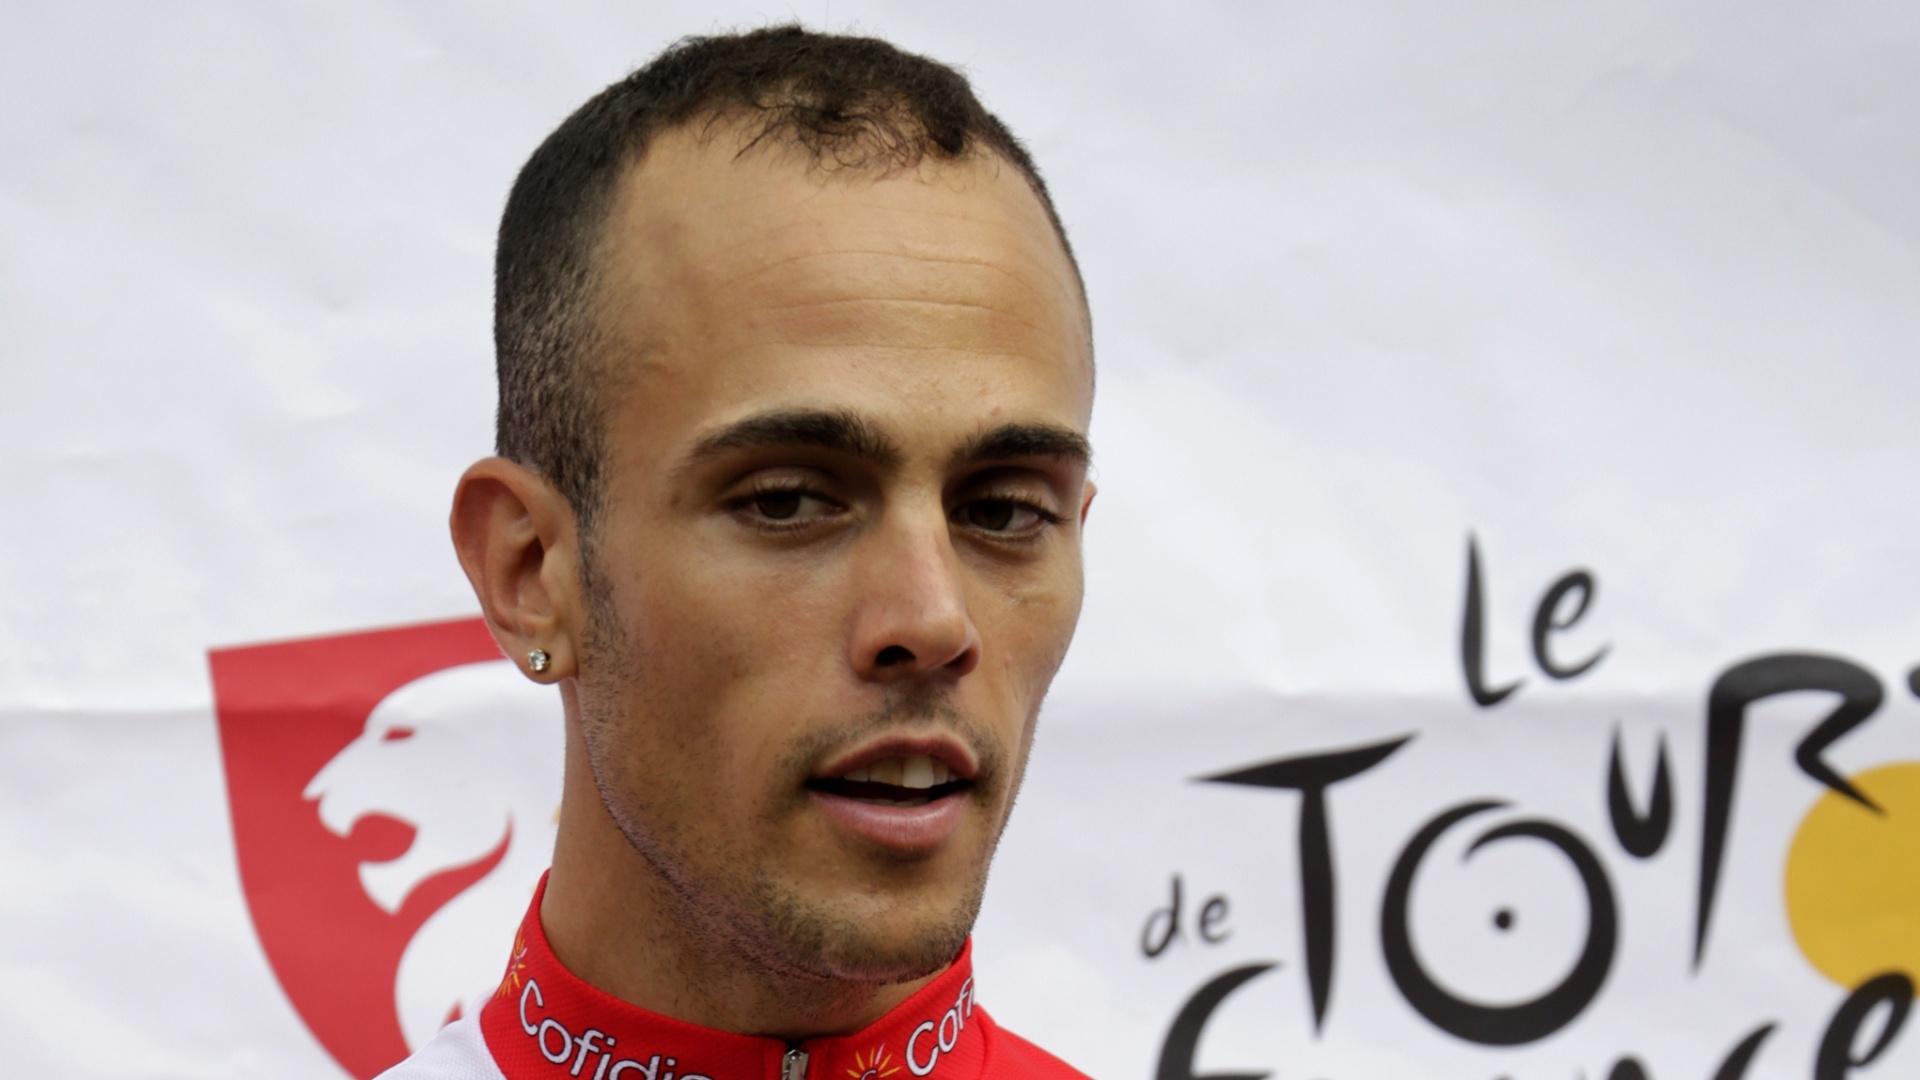 Remy di Gregorio, ciclista francês que foi detido durante a Volta da França de 2012 por envolvimento com um caso de doping. No flagrante, as autoridades não deram detalhes do caso